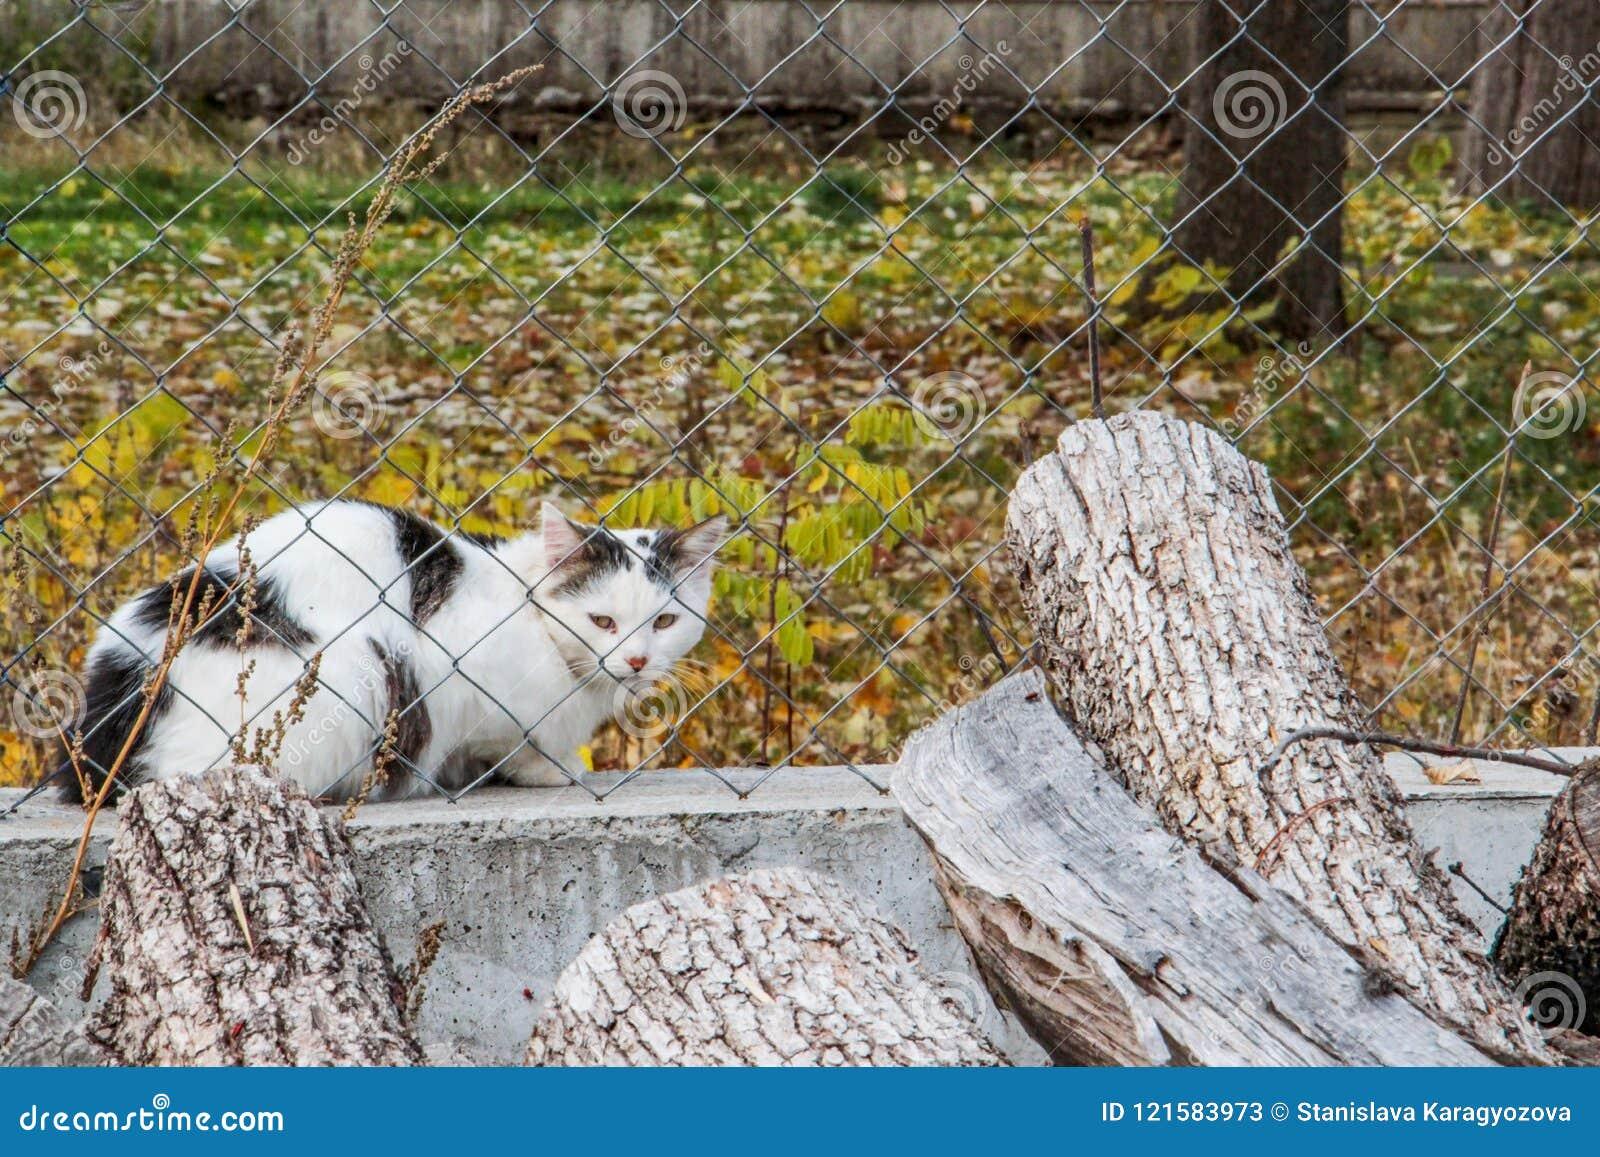 Gatto sospettoso dietro un recinto della rete metallica di un parco pubblico nel villaggio bulgaro di Debnevo